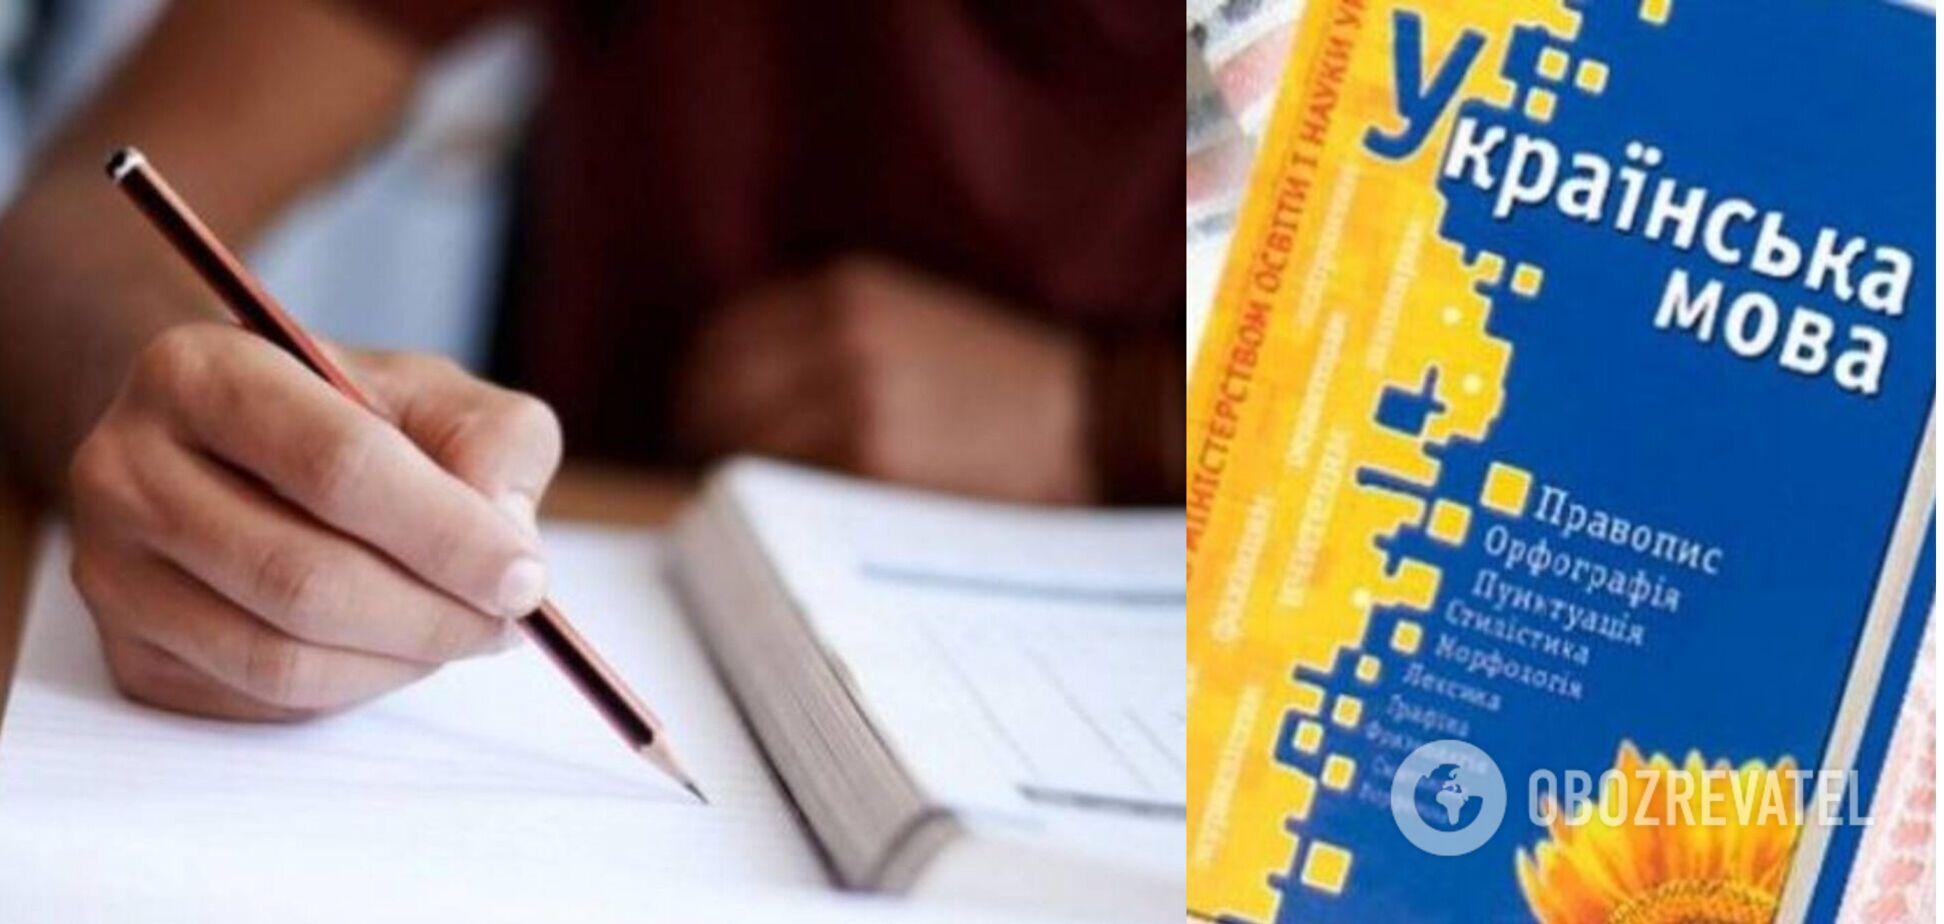 Іспит на знання української мови не склали 15% чиновників-претендентів на держпосади